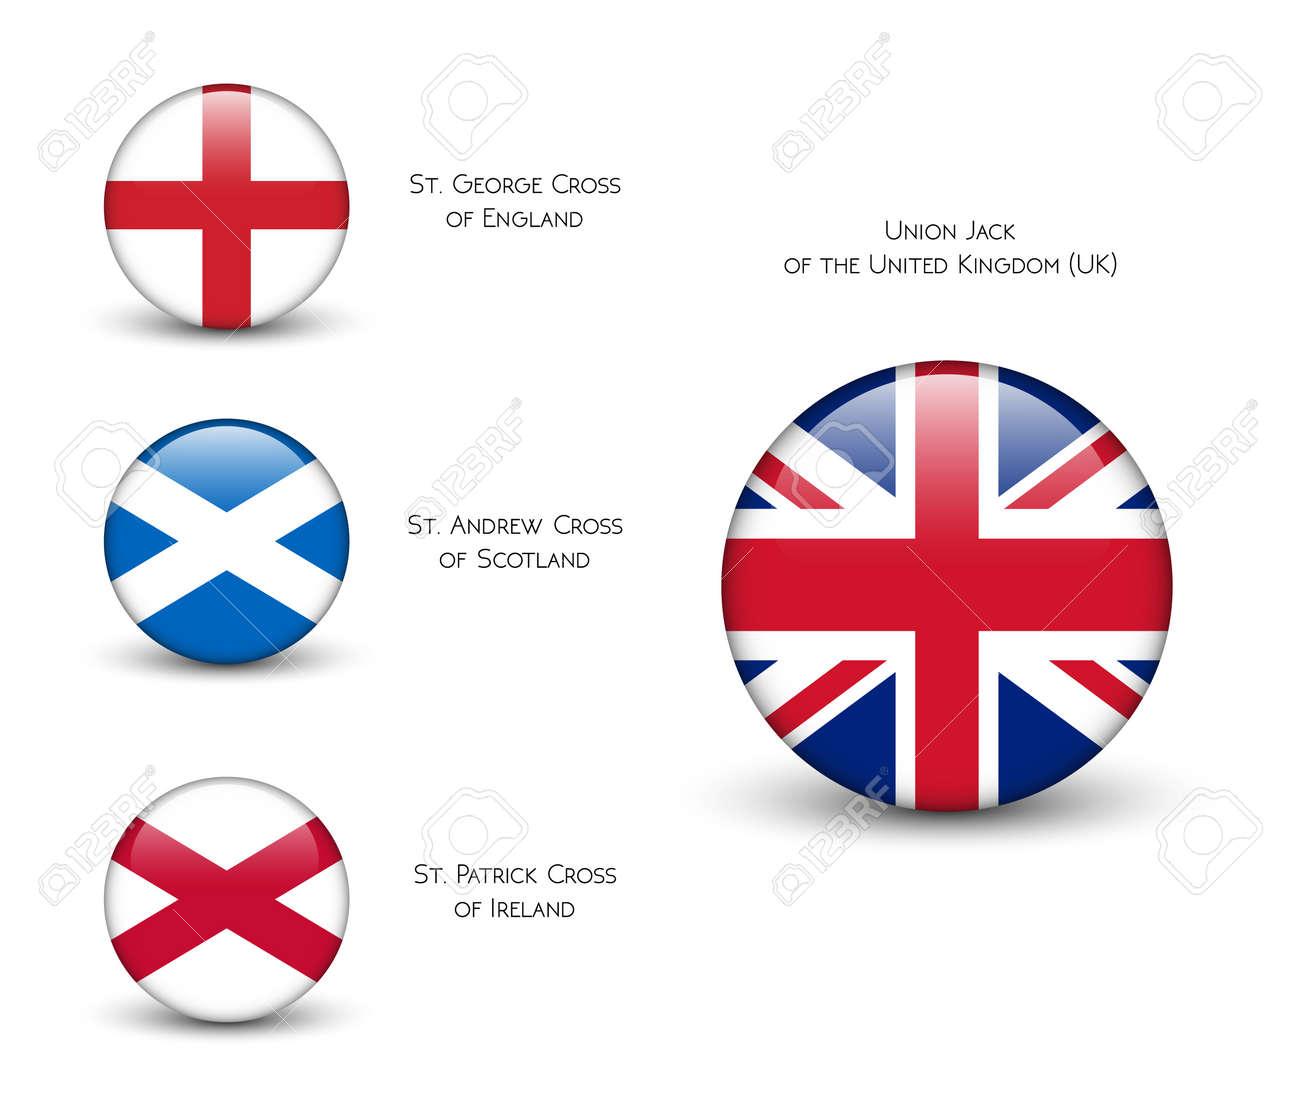 United Kingdom flag -England, Scotland, Ireland  Union Jack